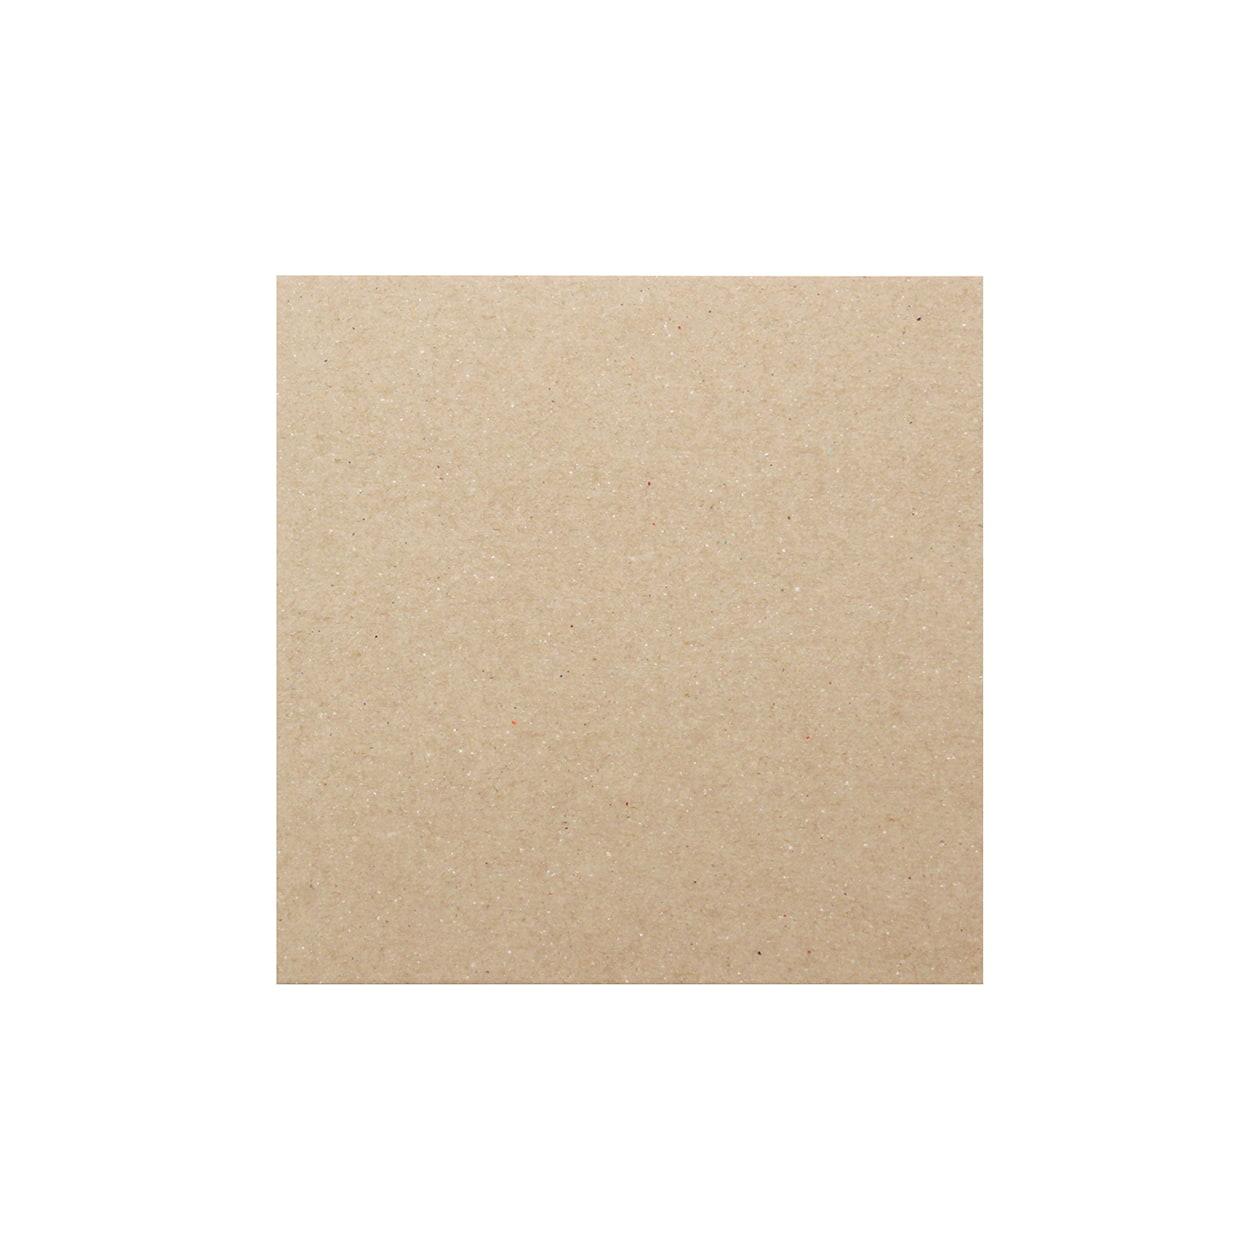 #27カード ボード紙 サンド 460g